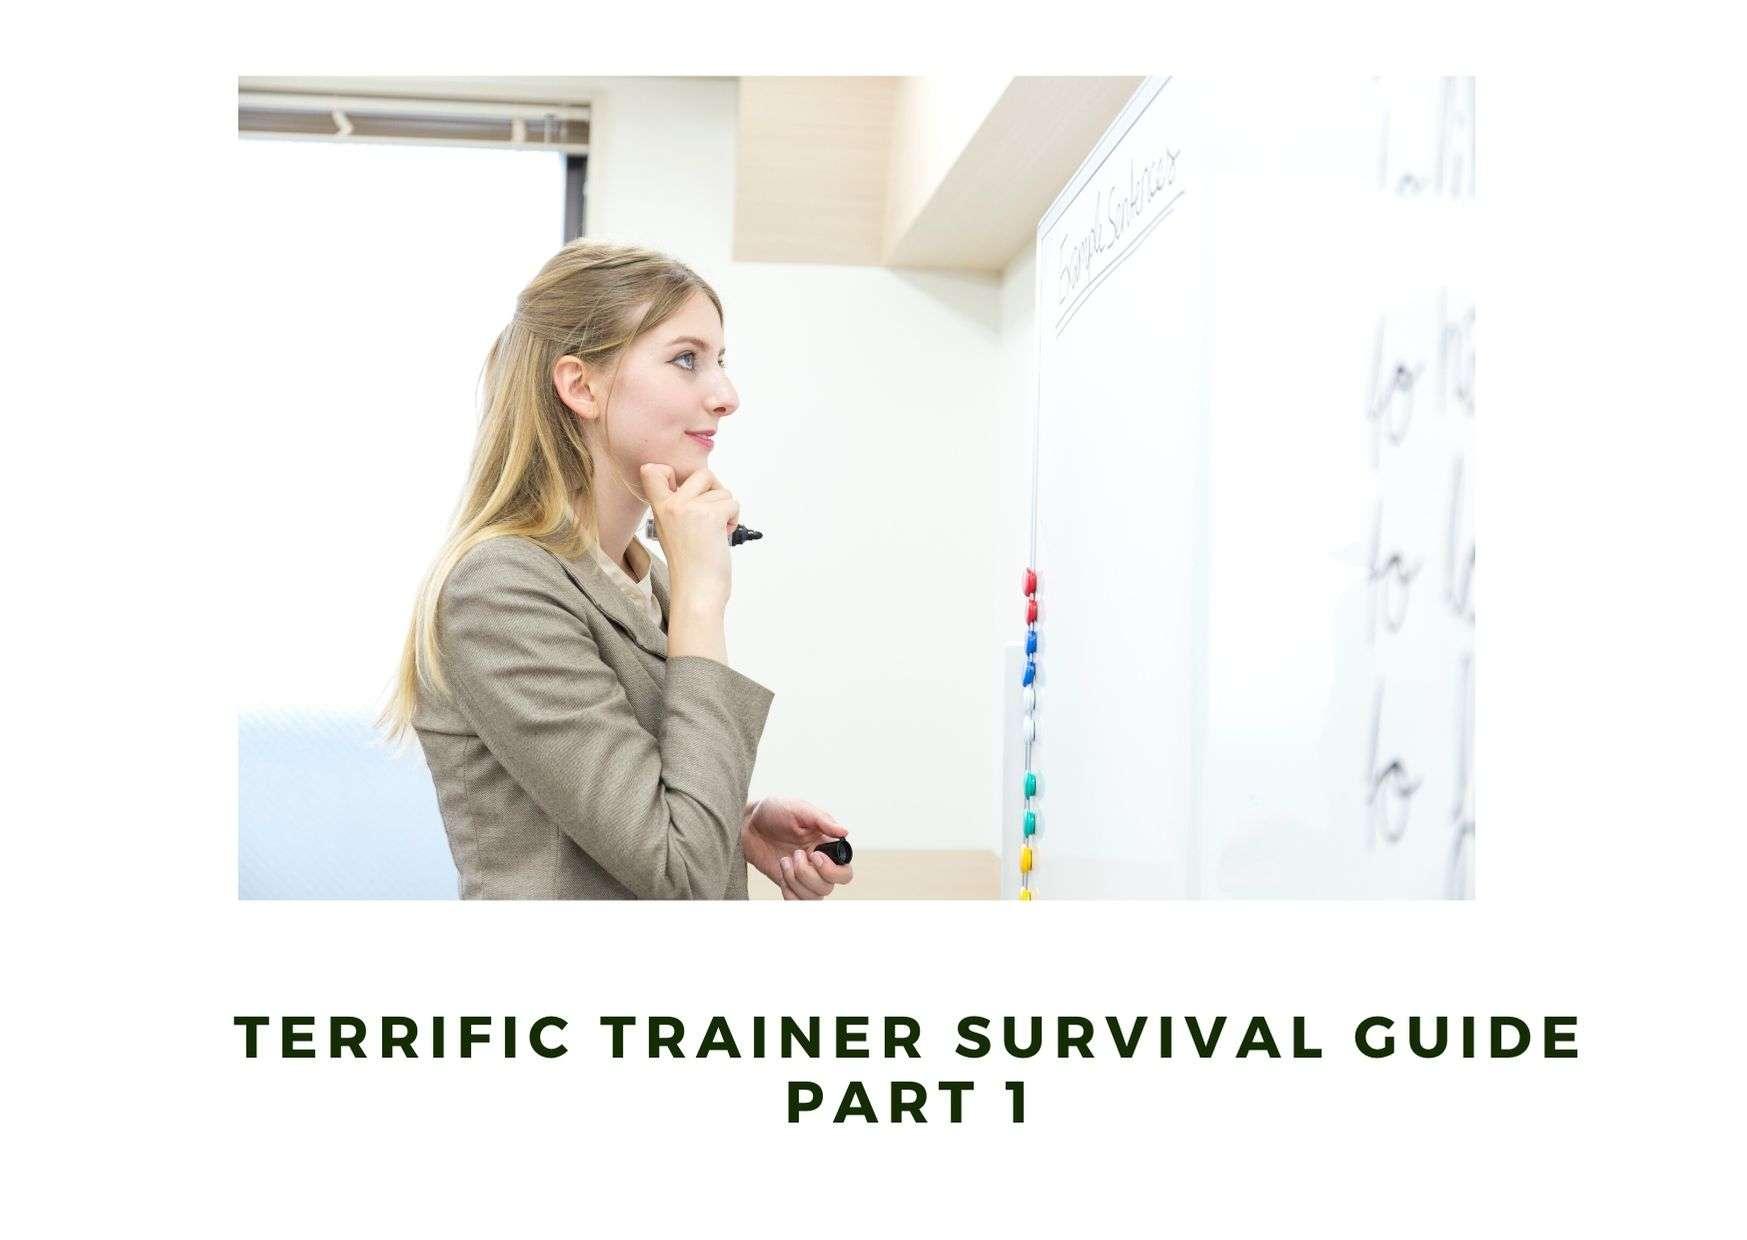 Terrific Trainer Survival Guide Part 1